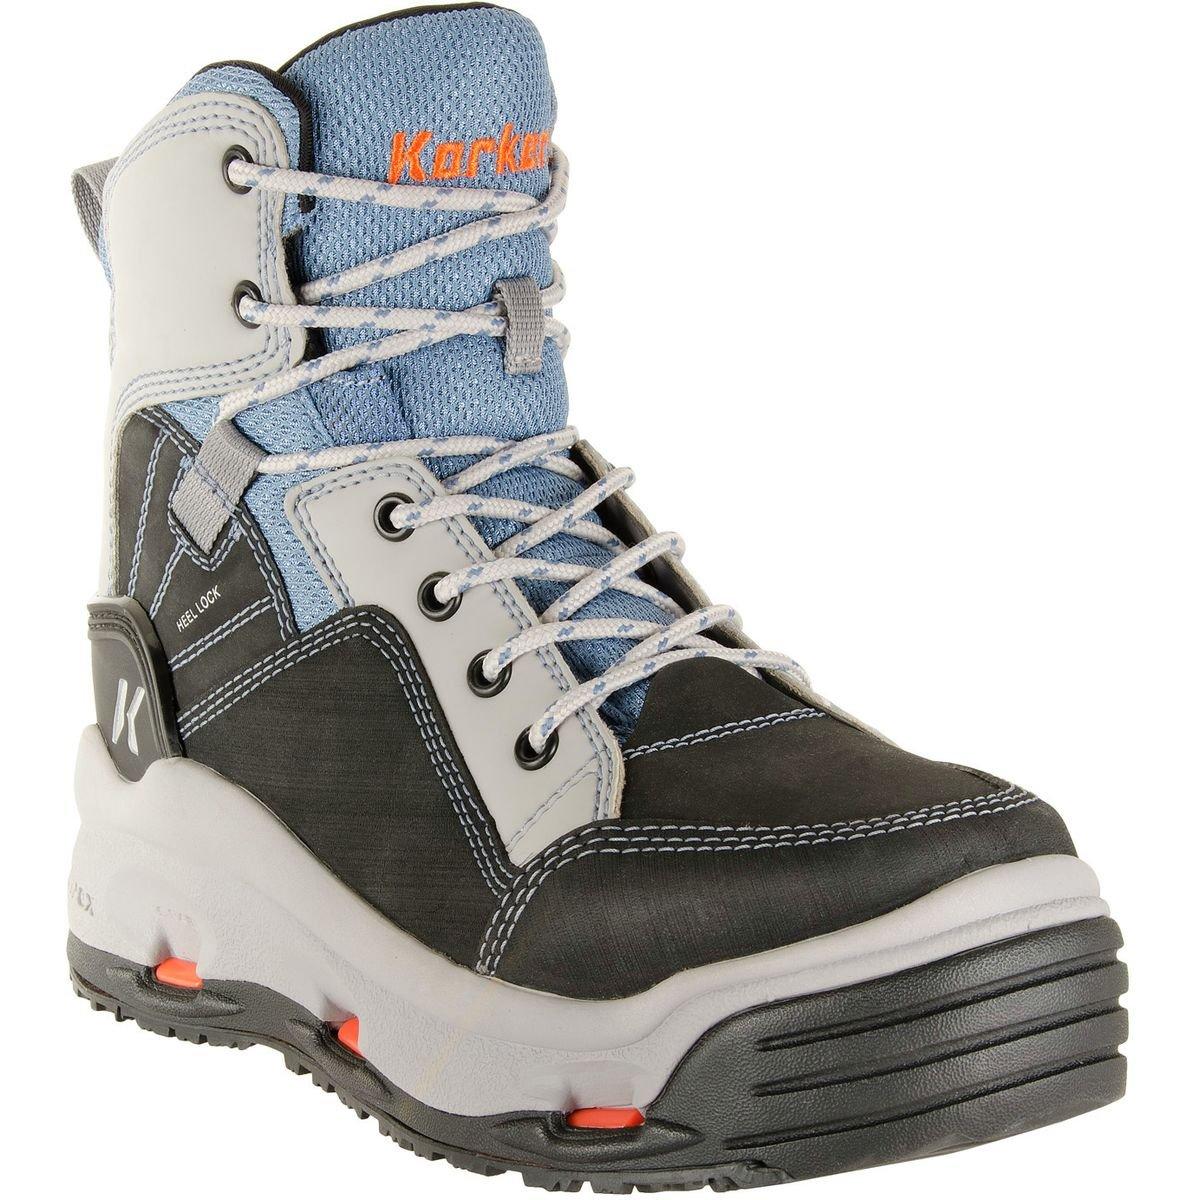 激安本物 KorkersバックスキンメアリーWading Boot ( 8、kling-on ( & & kling-onスタッズ) B01N6HO5KE B01N6HO5KE, グッドセレクトストアー:acb29f6d --- a0267596.xsph.ru